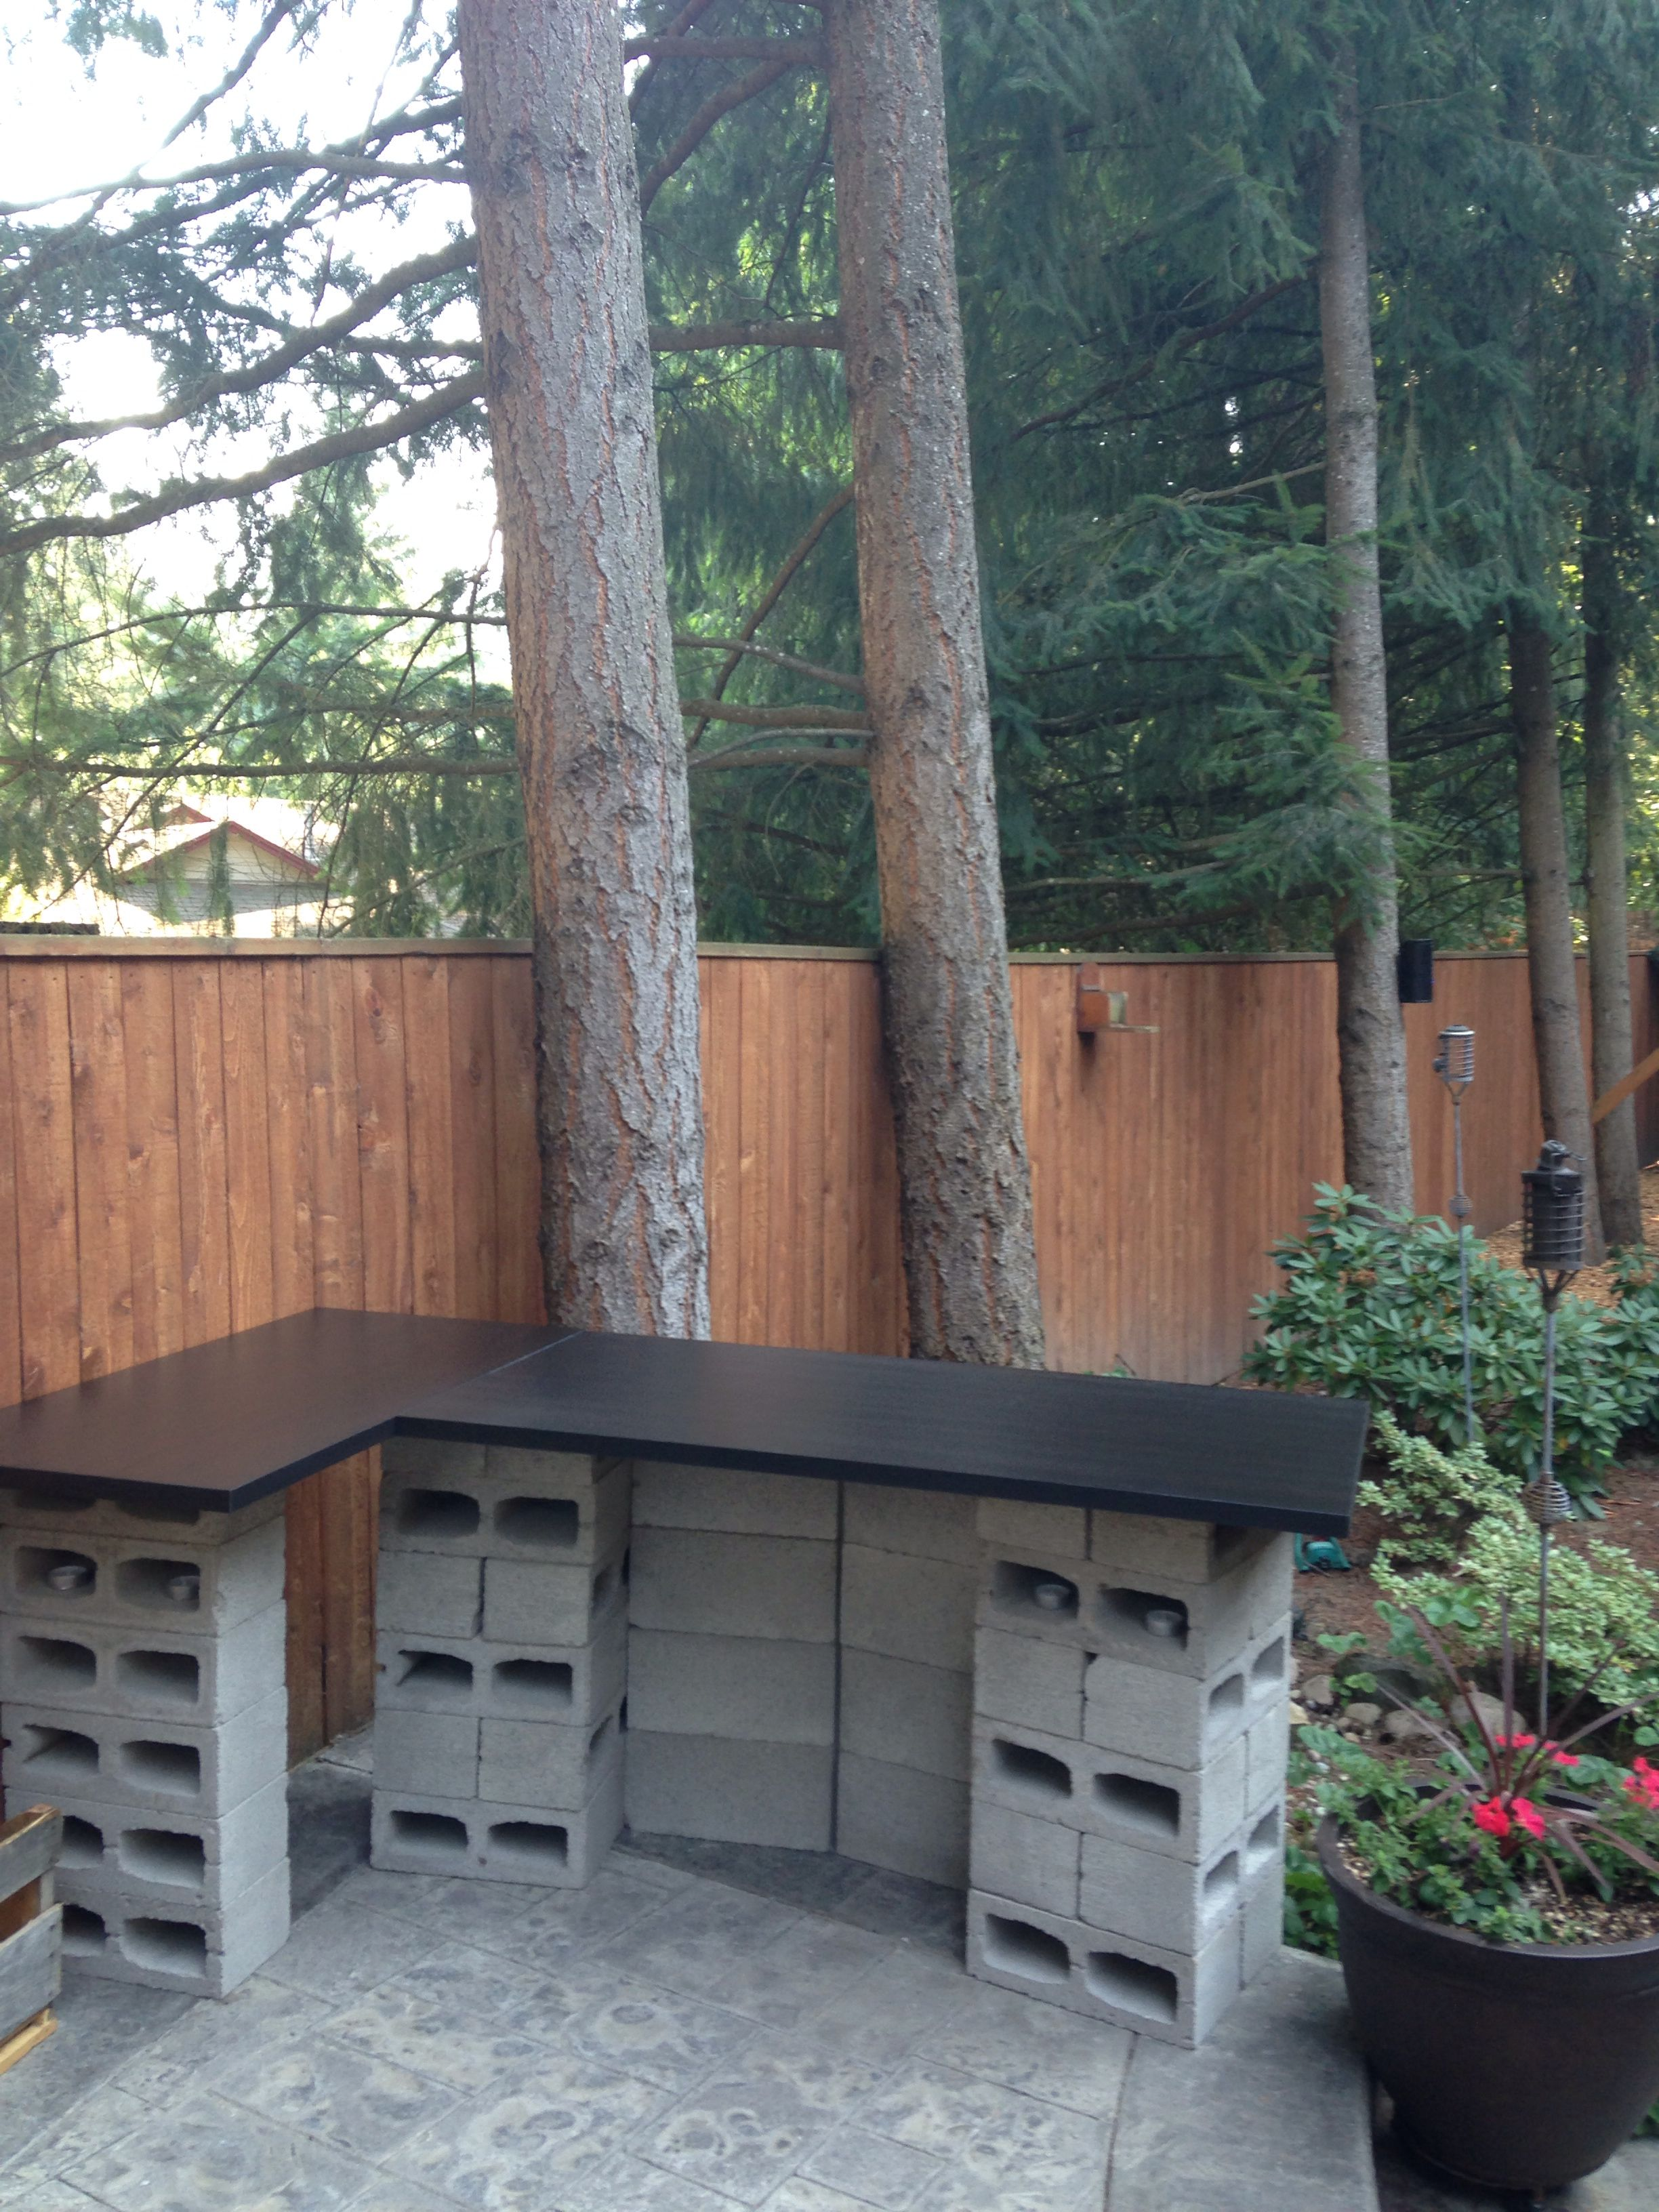 Cinder Block Bar Home Yard Furniture Backyard